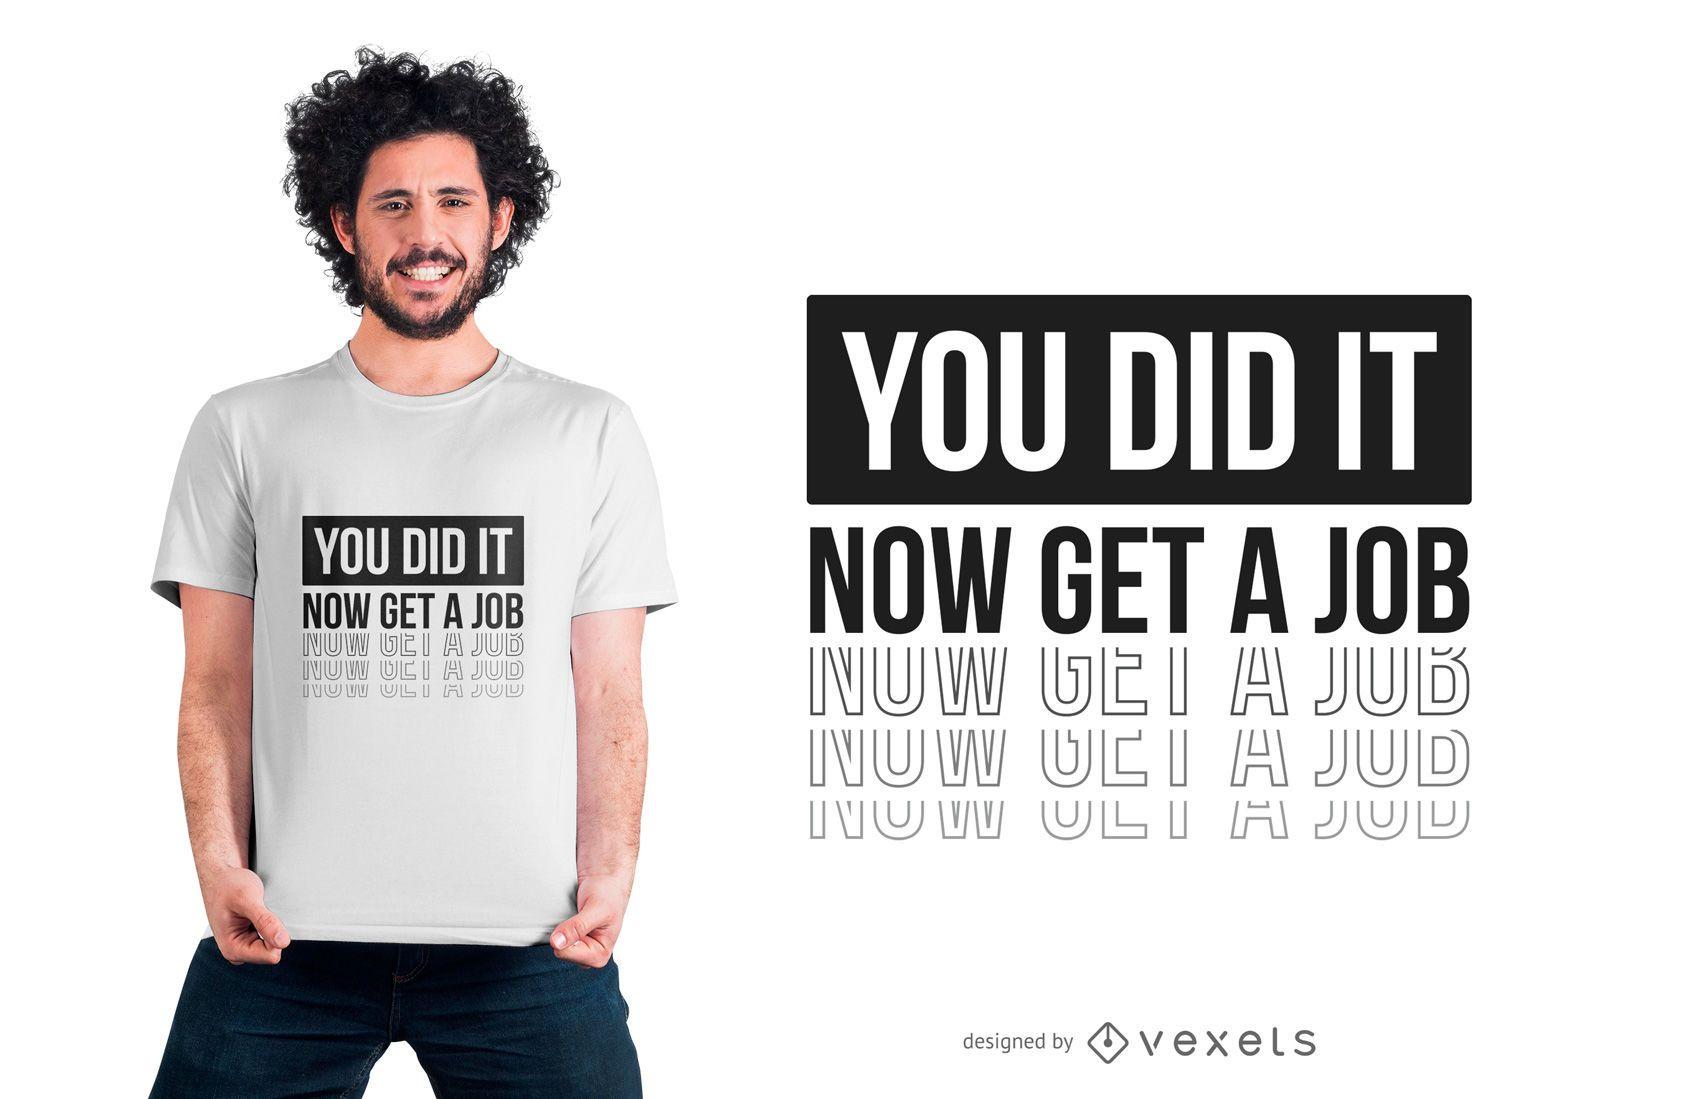 Diseño divertido de camiseta con texto de graduación